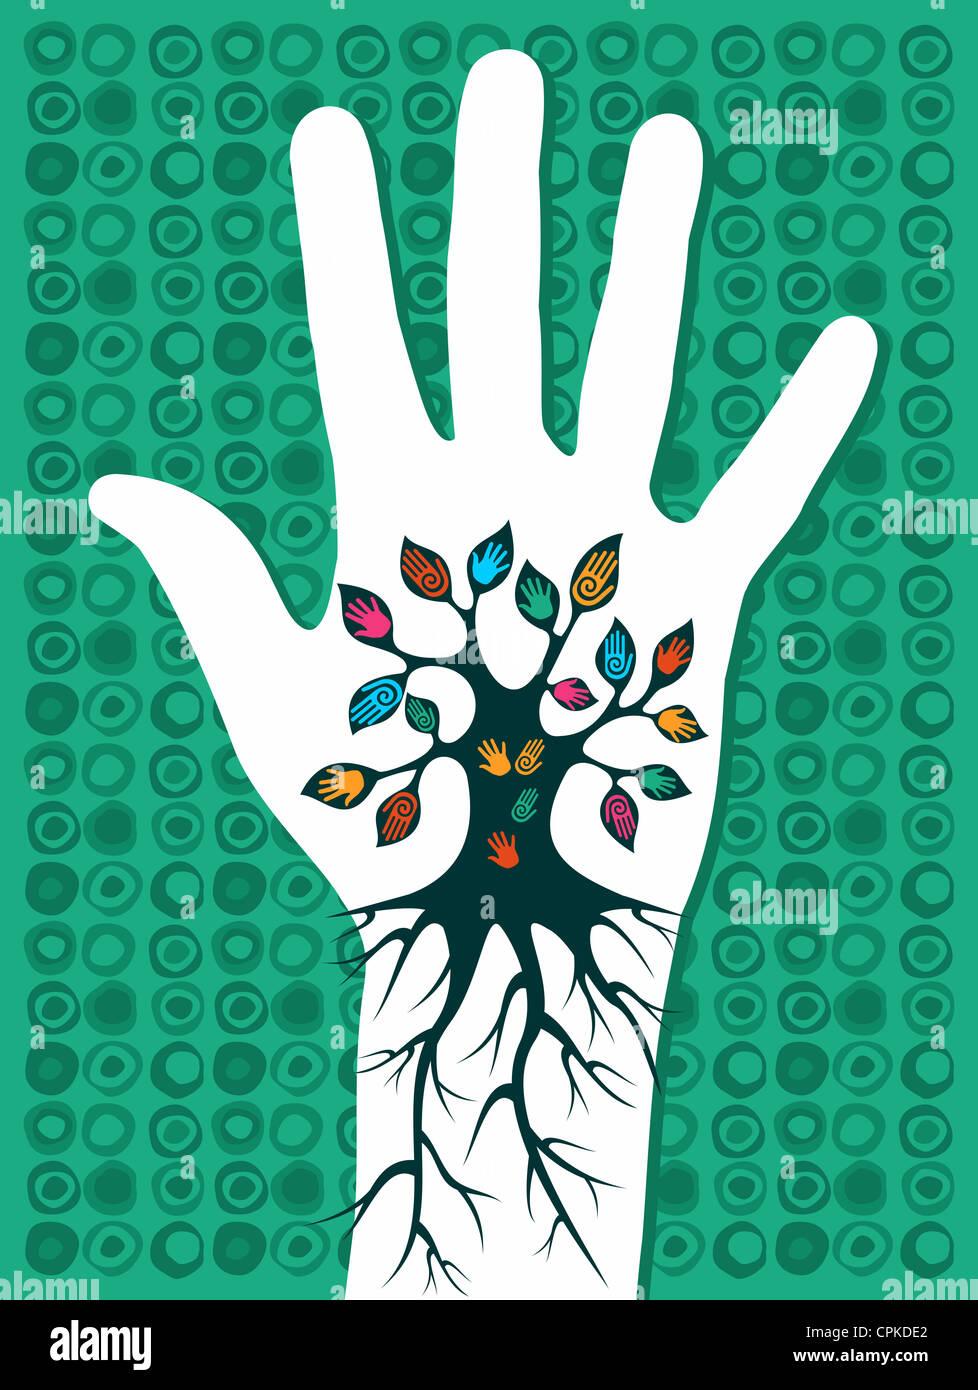 Rendez-vous sur concept vert arbre dans la main avec racines comme les veines. Couches de fichier vectoriel pour Photo Stock